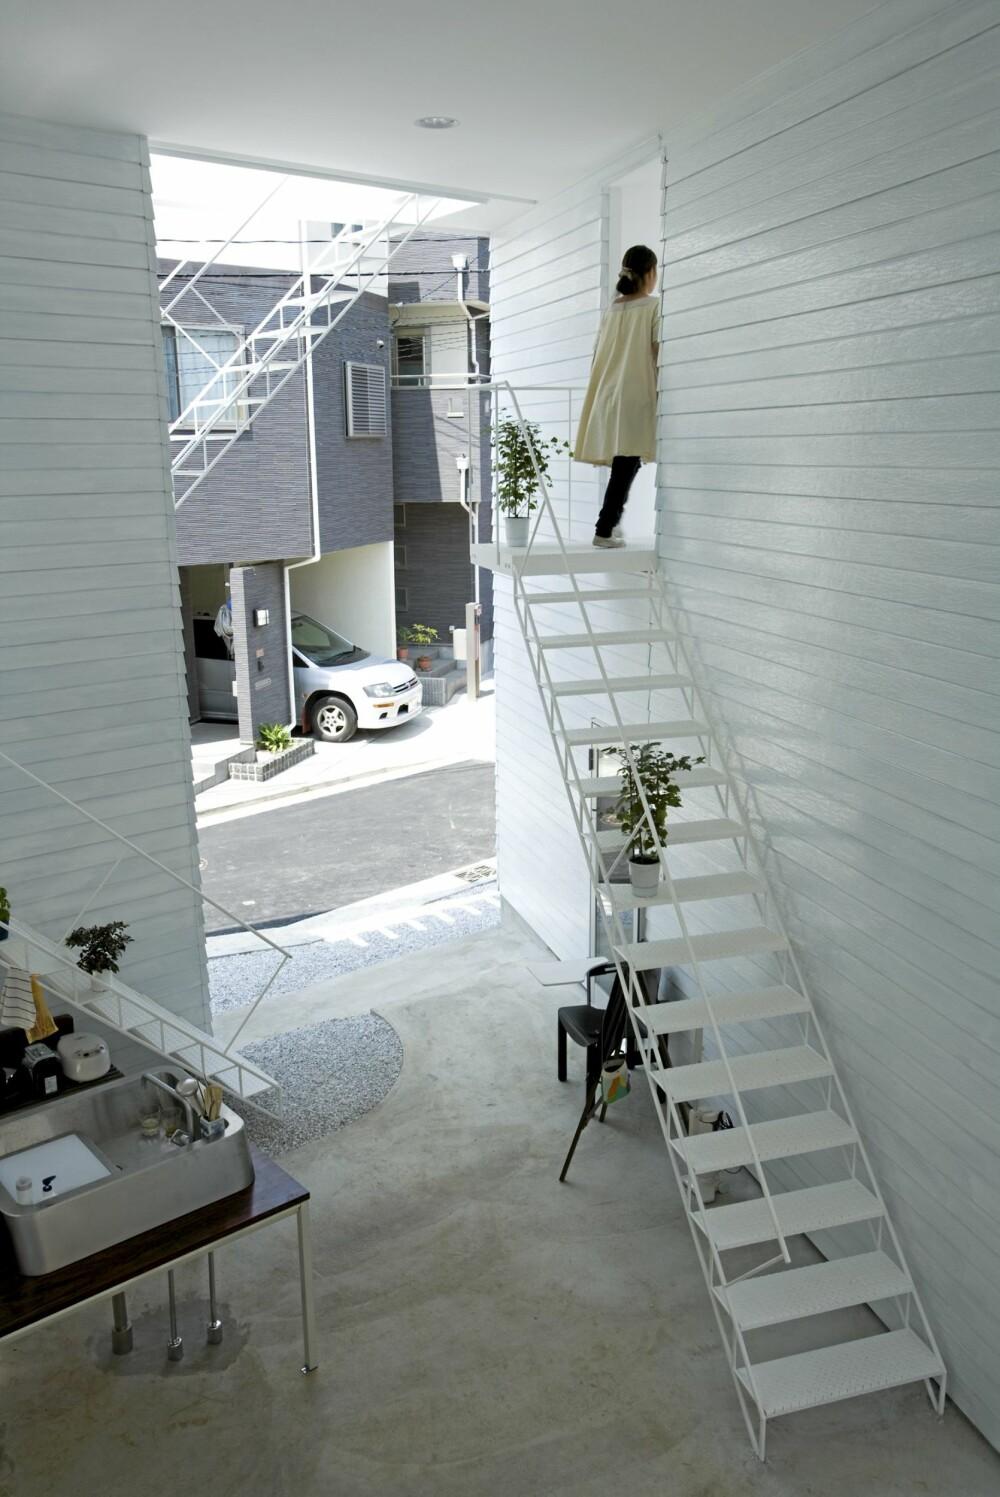 UTENDØRS: I bakgården finner vi et utendørs kjøkken med vask og komfyr, i tillegg vaskerom og et lagerrom.